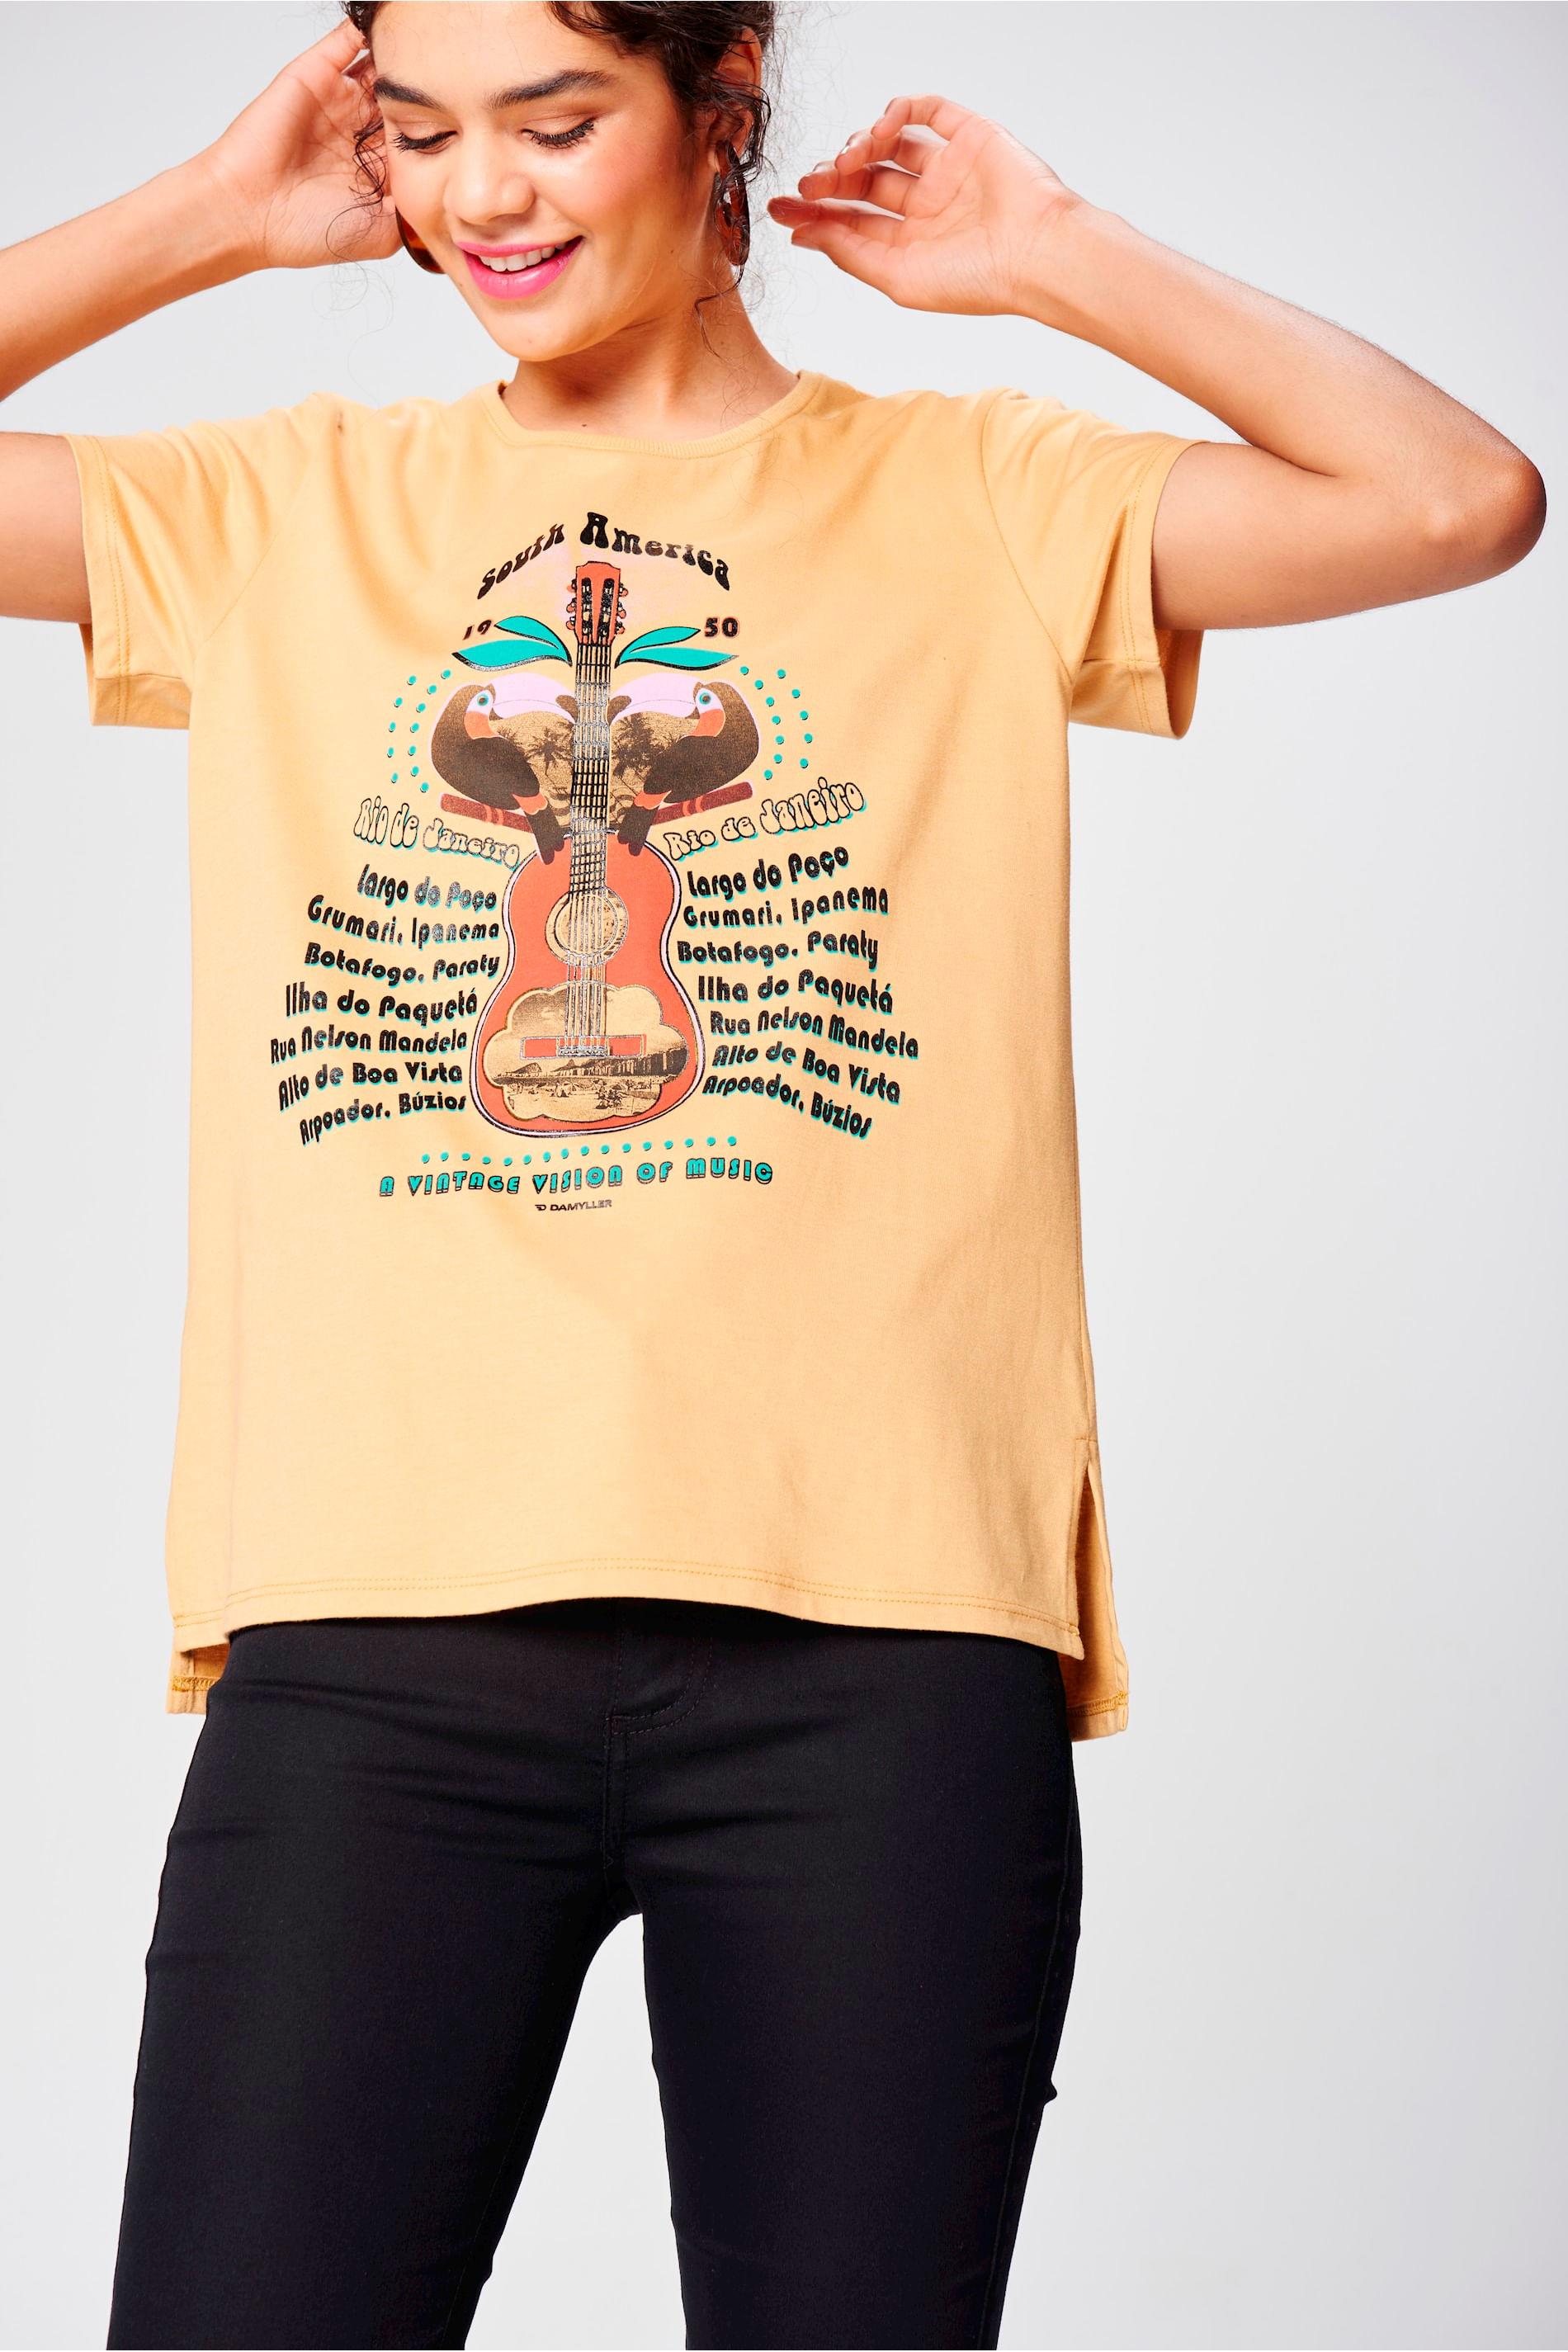 e30cd9019f Camisa de Malha Sustentável Feminina - Damyller